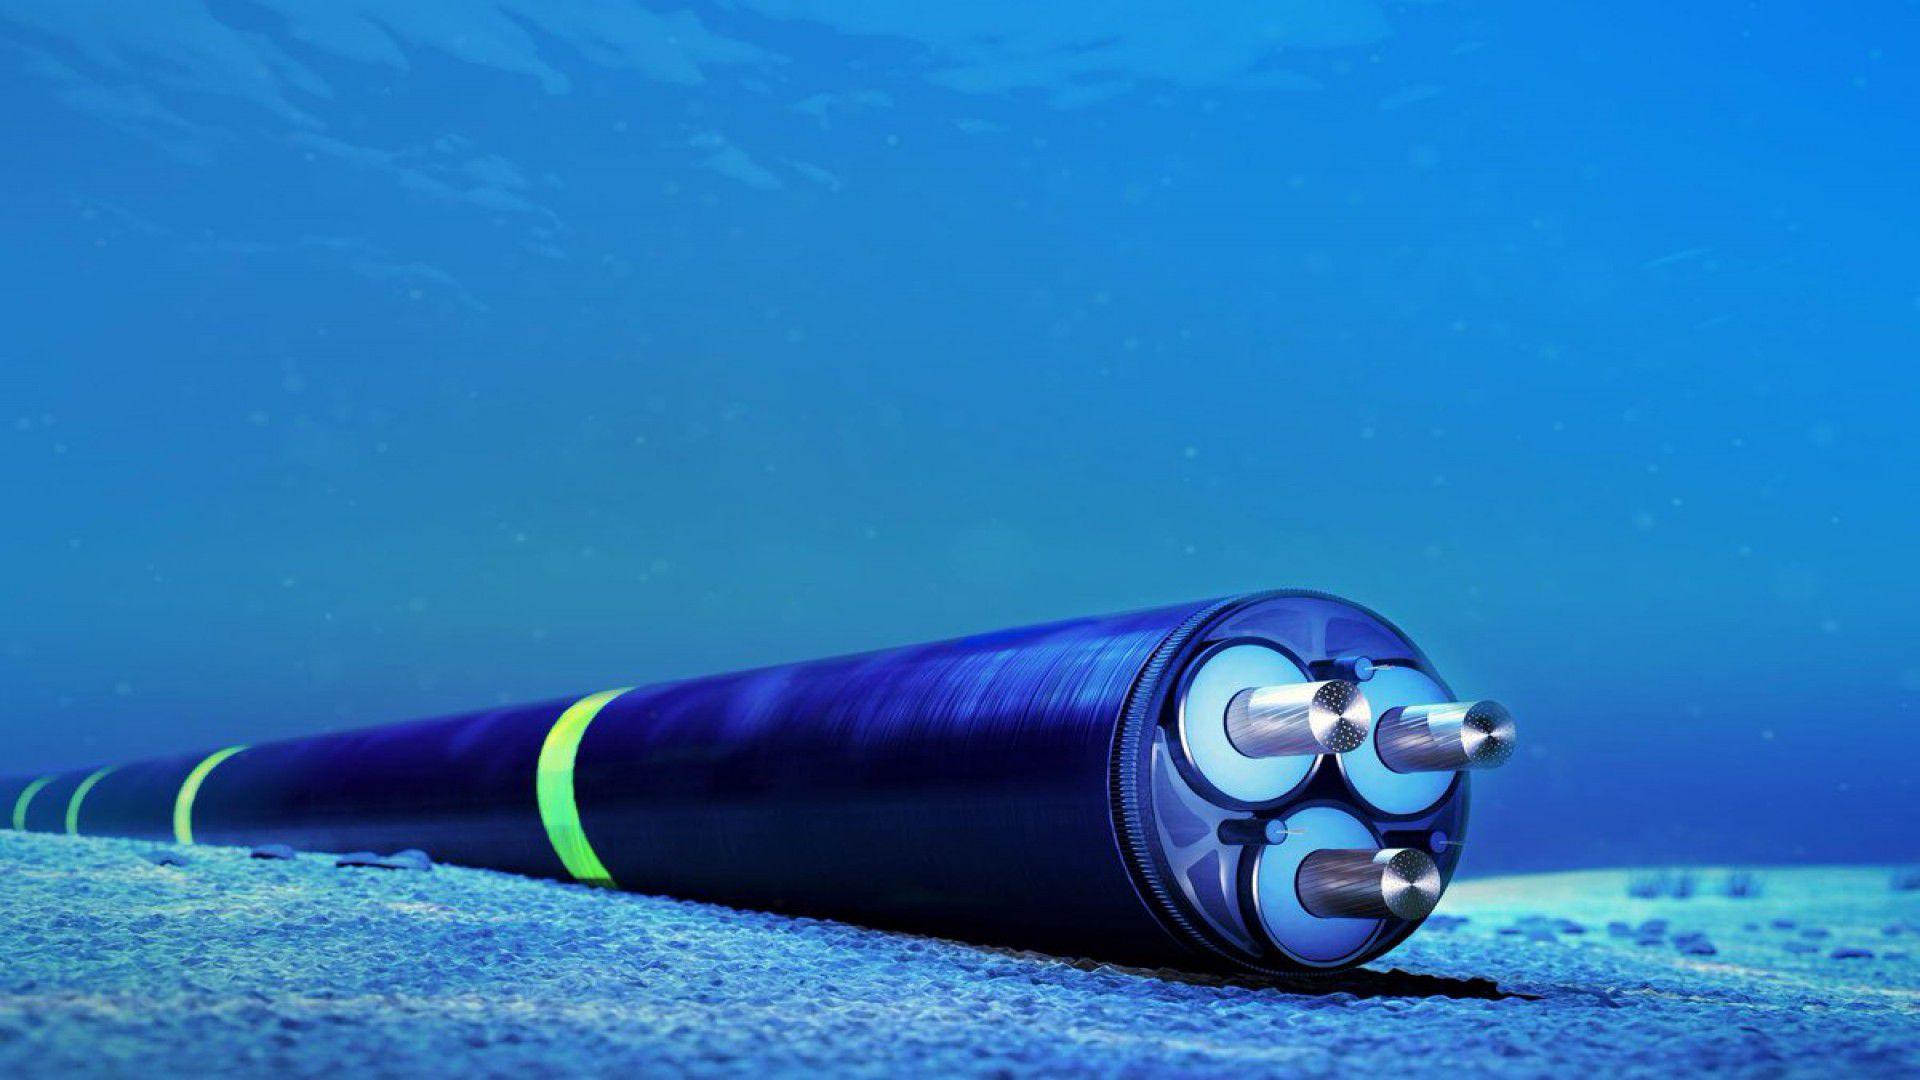 A través de un acuerdo entre países, planean construir el cable eléctrico submarino más grande del mundo que conectará Grecia, Chipre e Israel